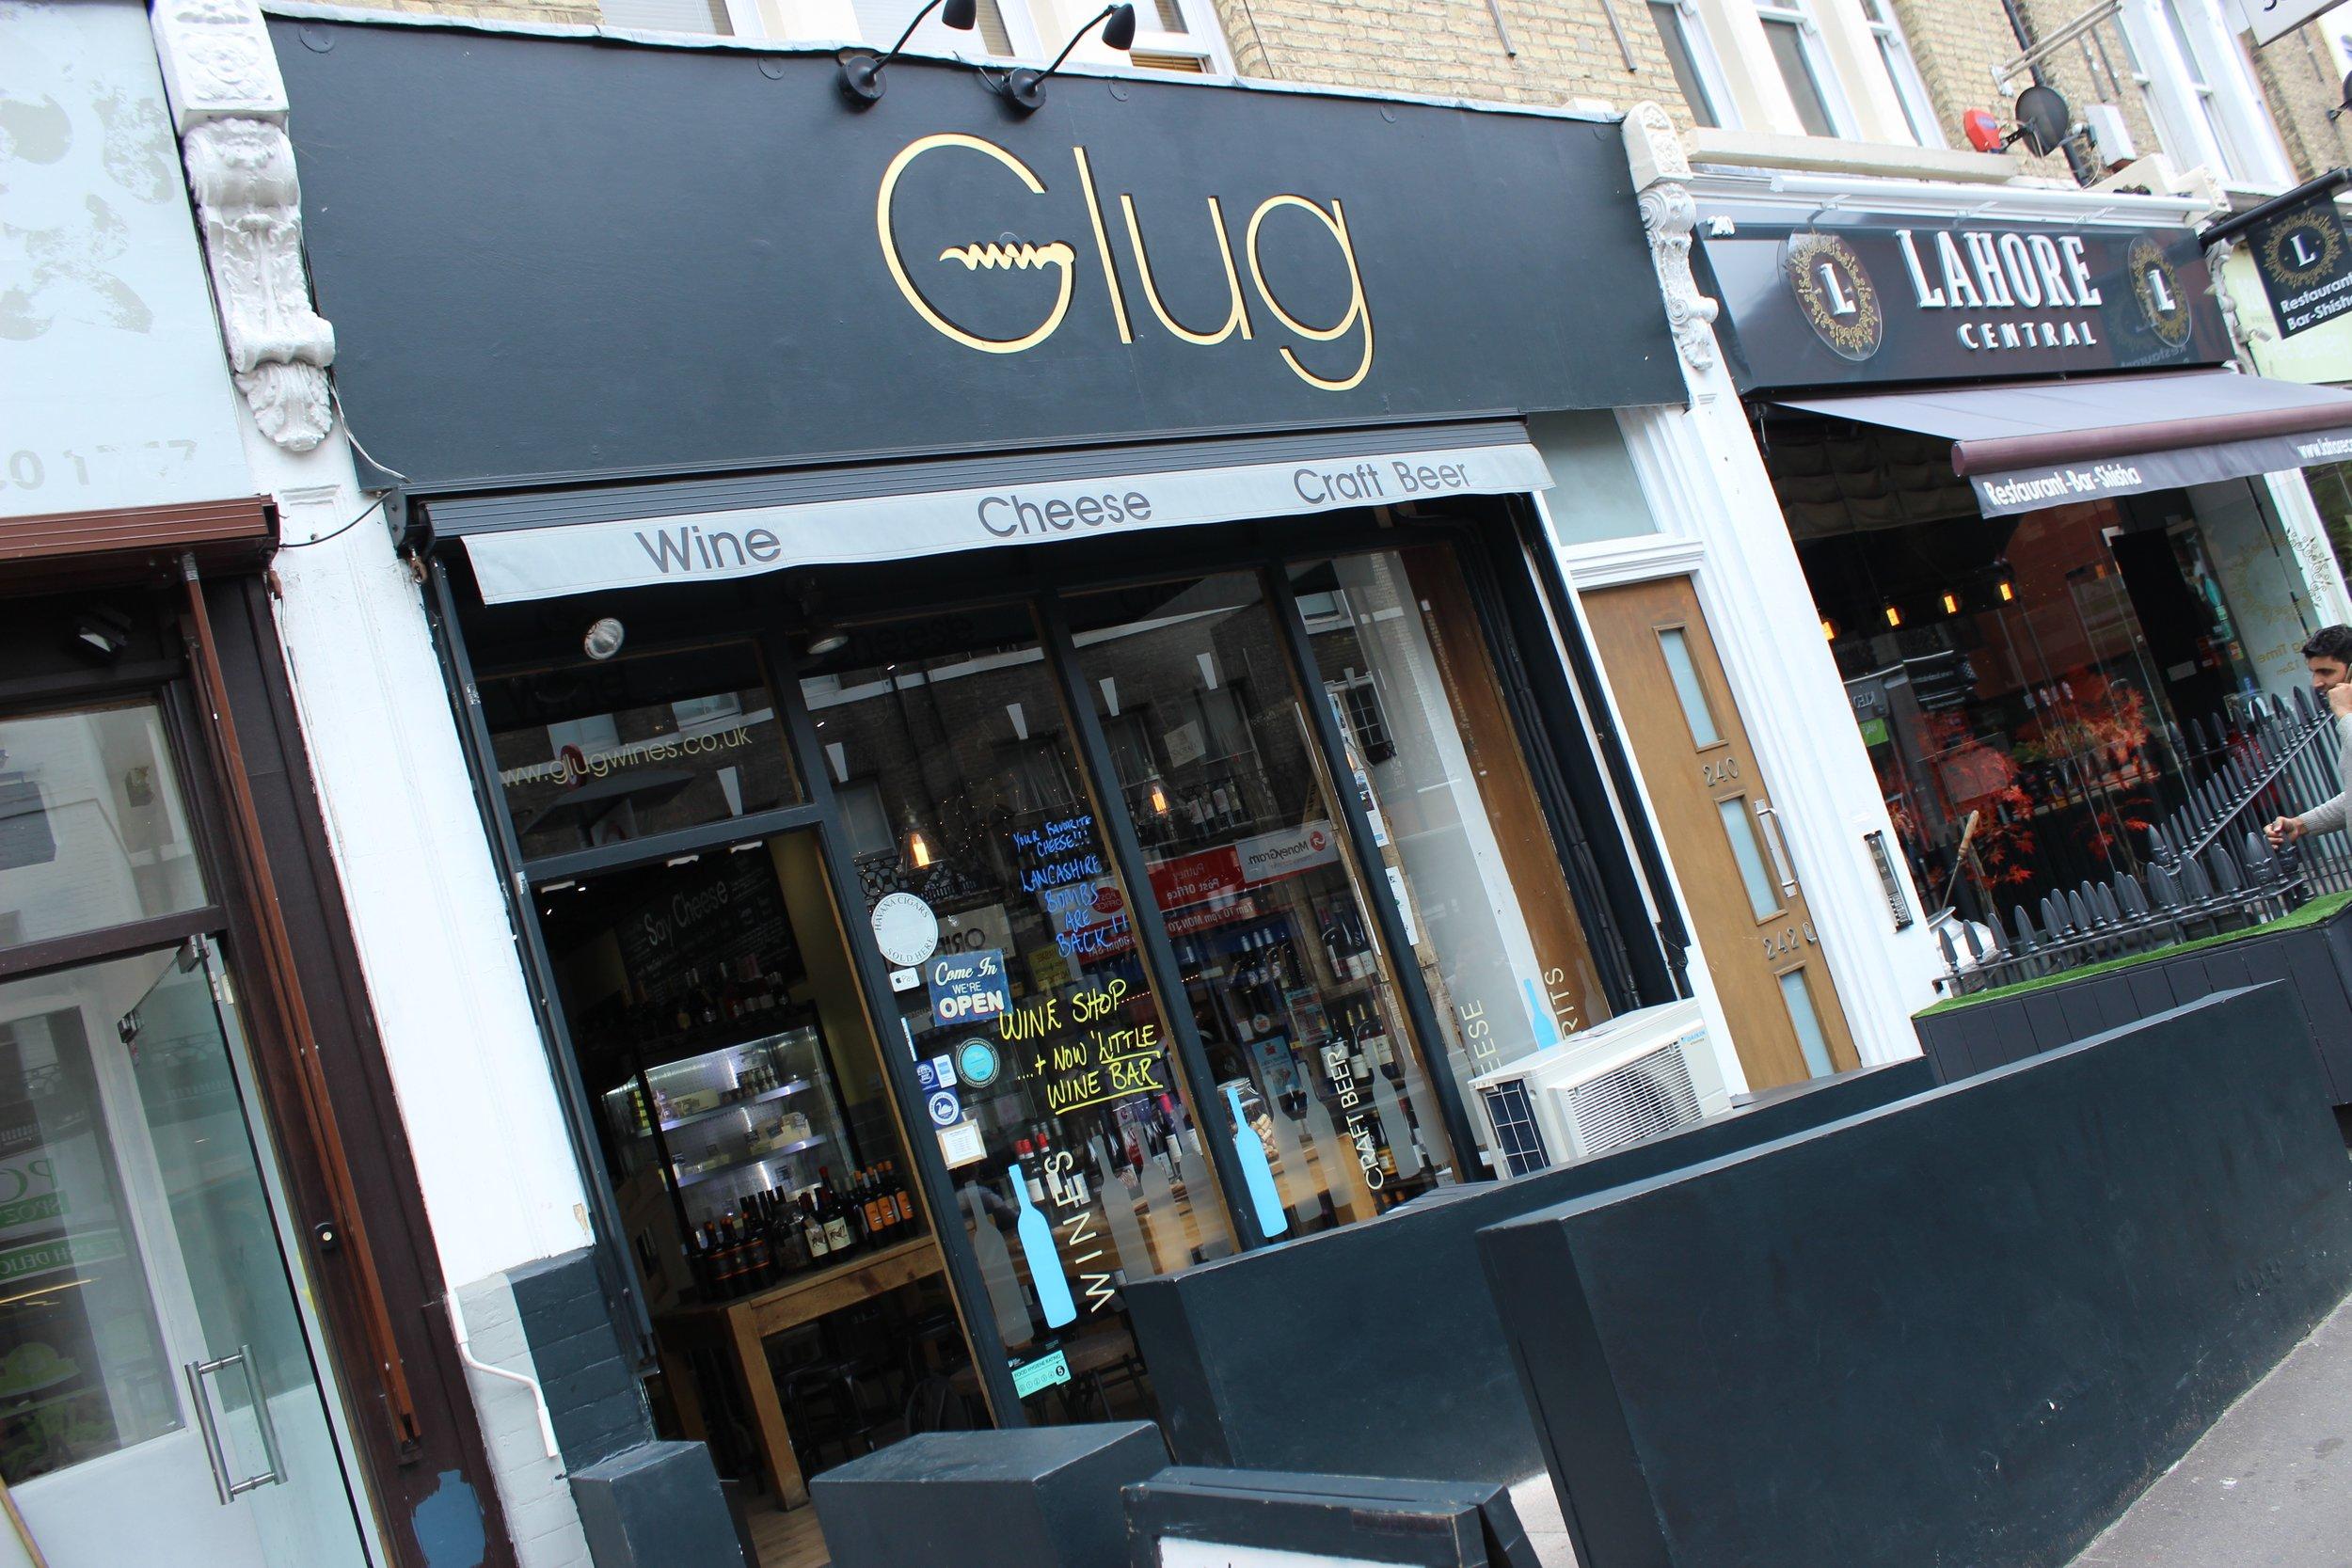 Glug Wine Bar and Shop in Putney South Lodnon Club Card 12.jpg